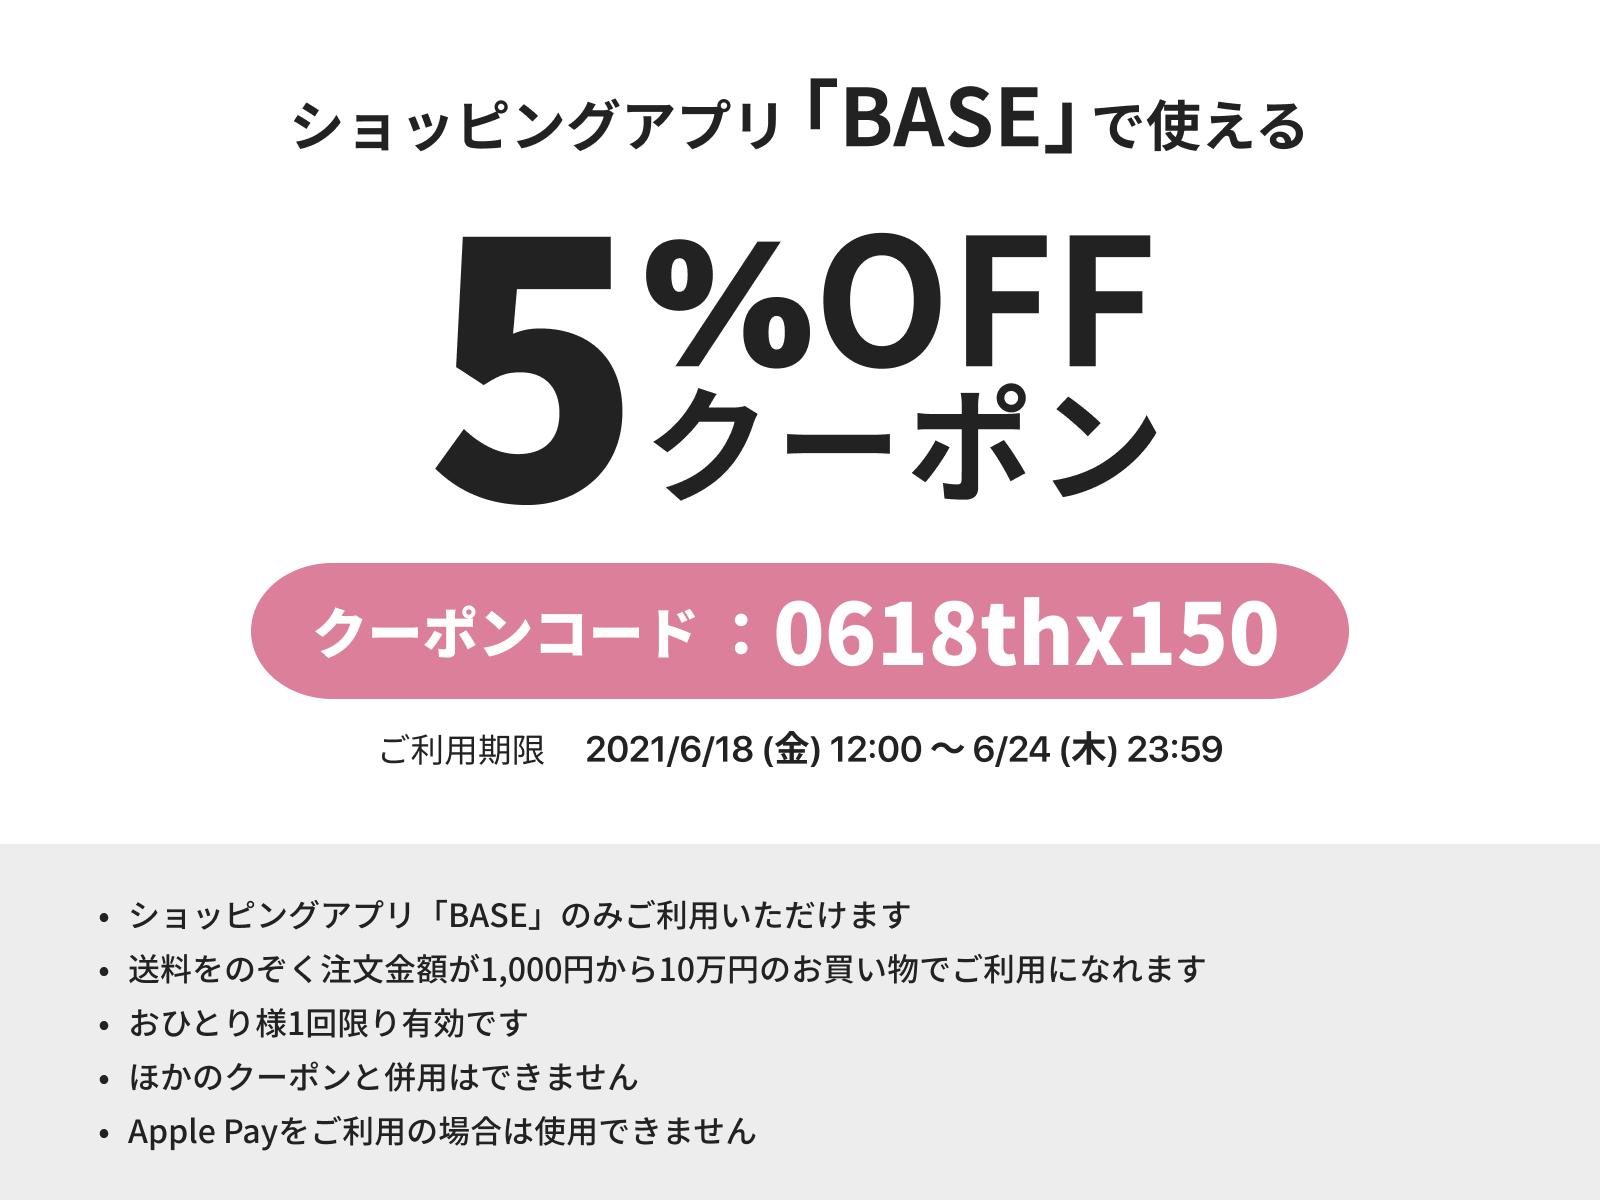 【 6/18~6/24 期間限定! 】BASEより5%OFFクーポンをプレゼント♪